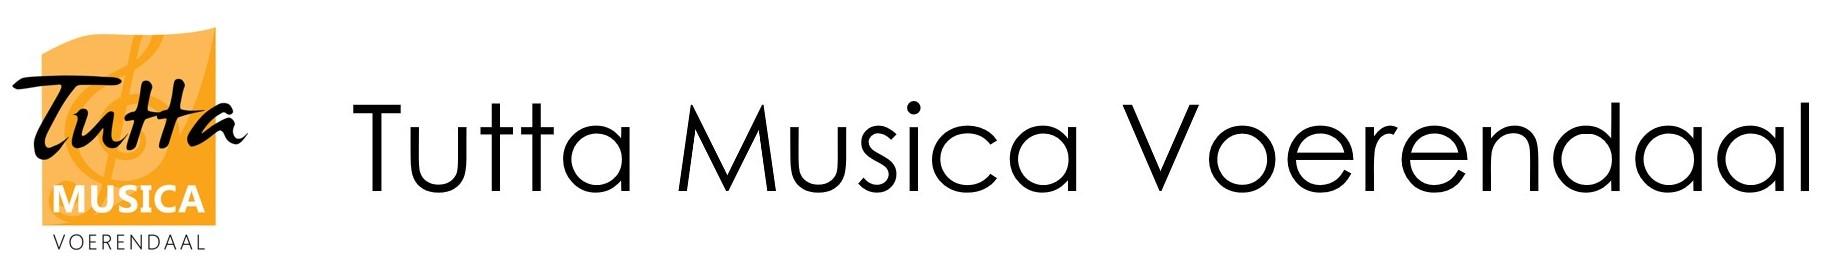 Tutta Musica Voerendaal